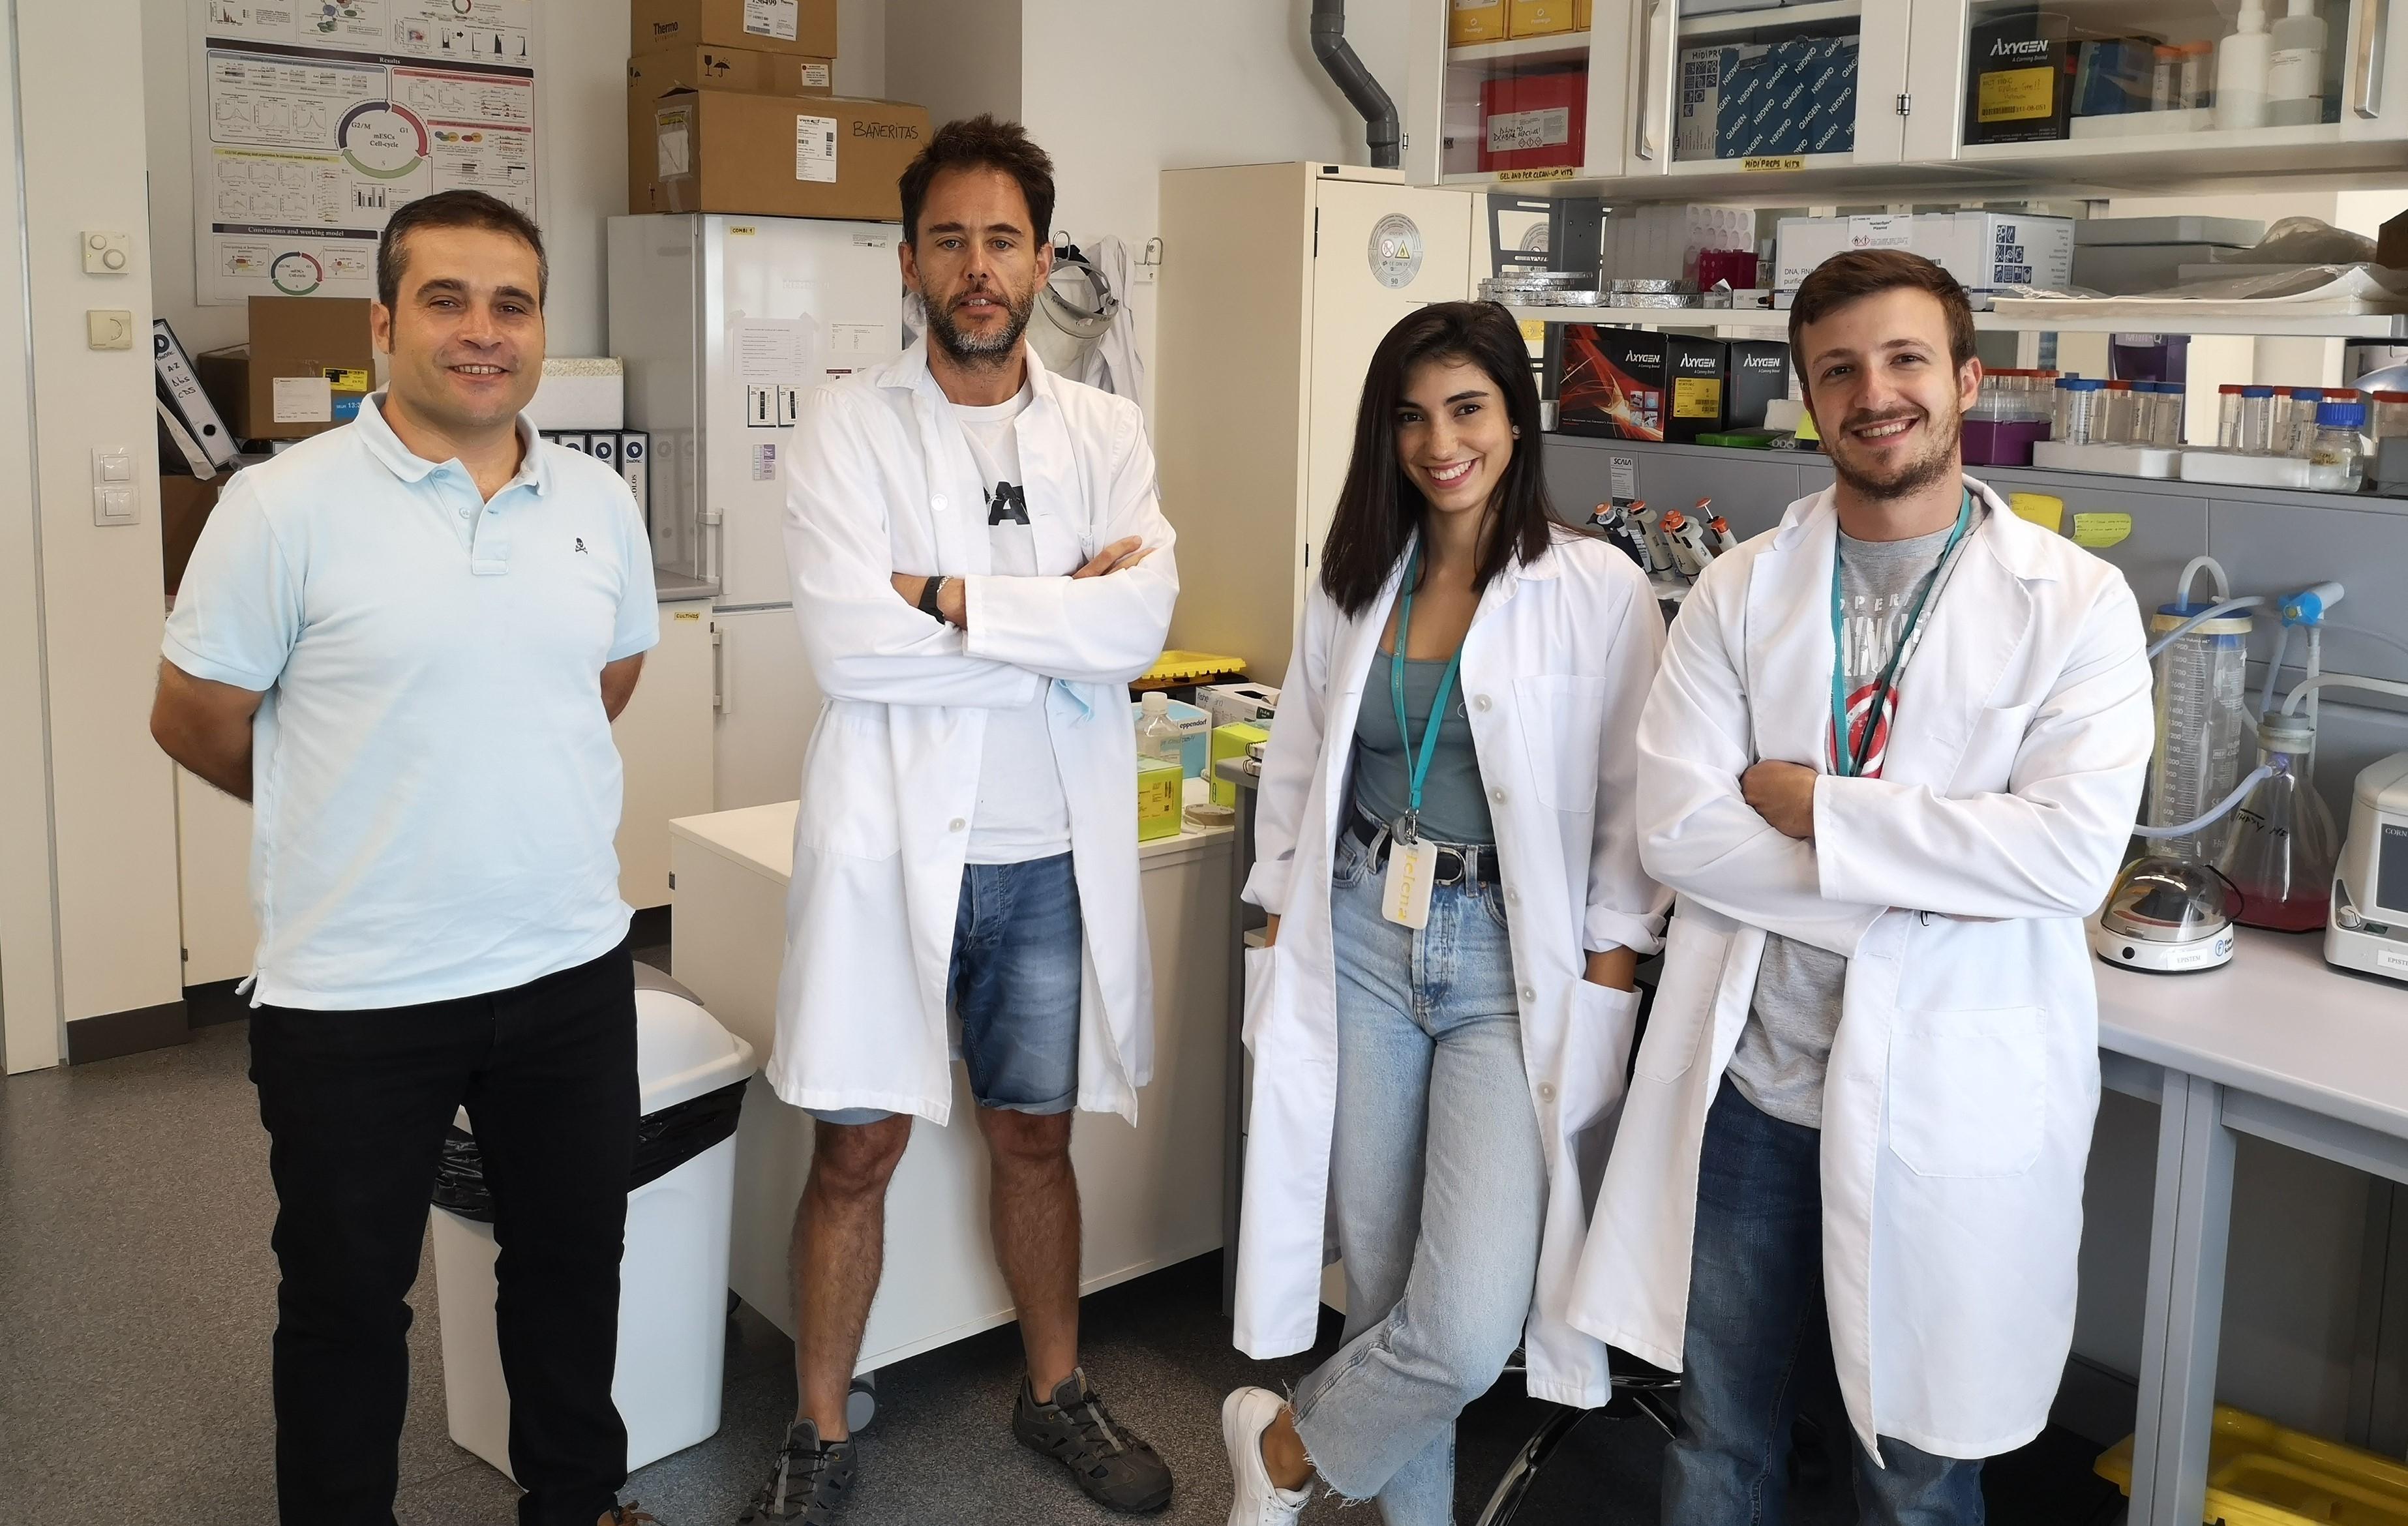 Revelan aspectos claves sobre la regulación de las células madre, capaces de transformarse en cualquier tejido del organismo